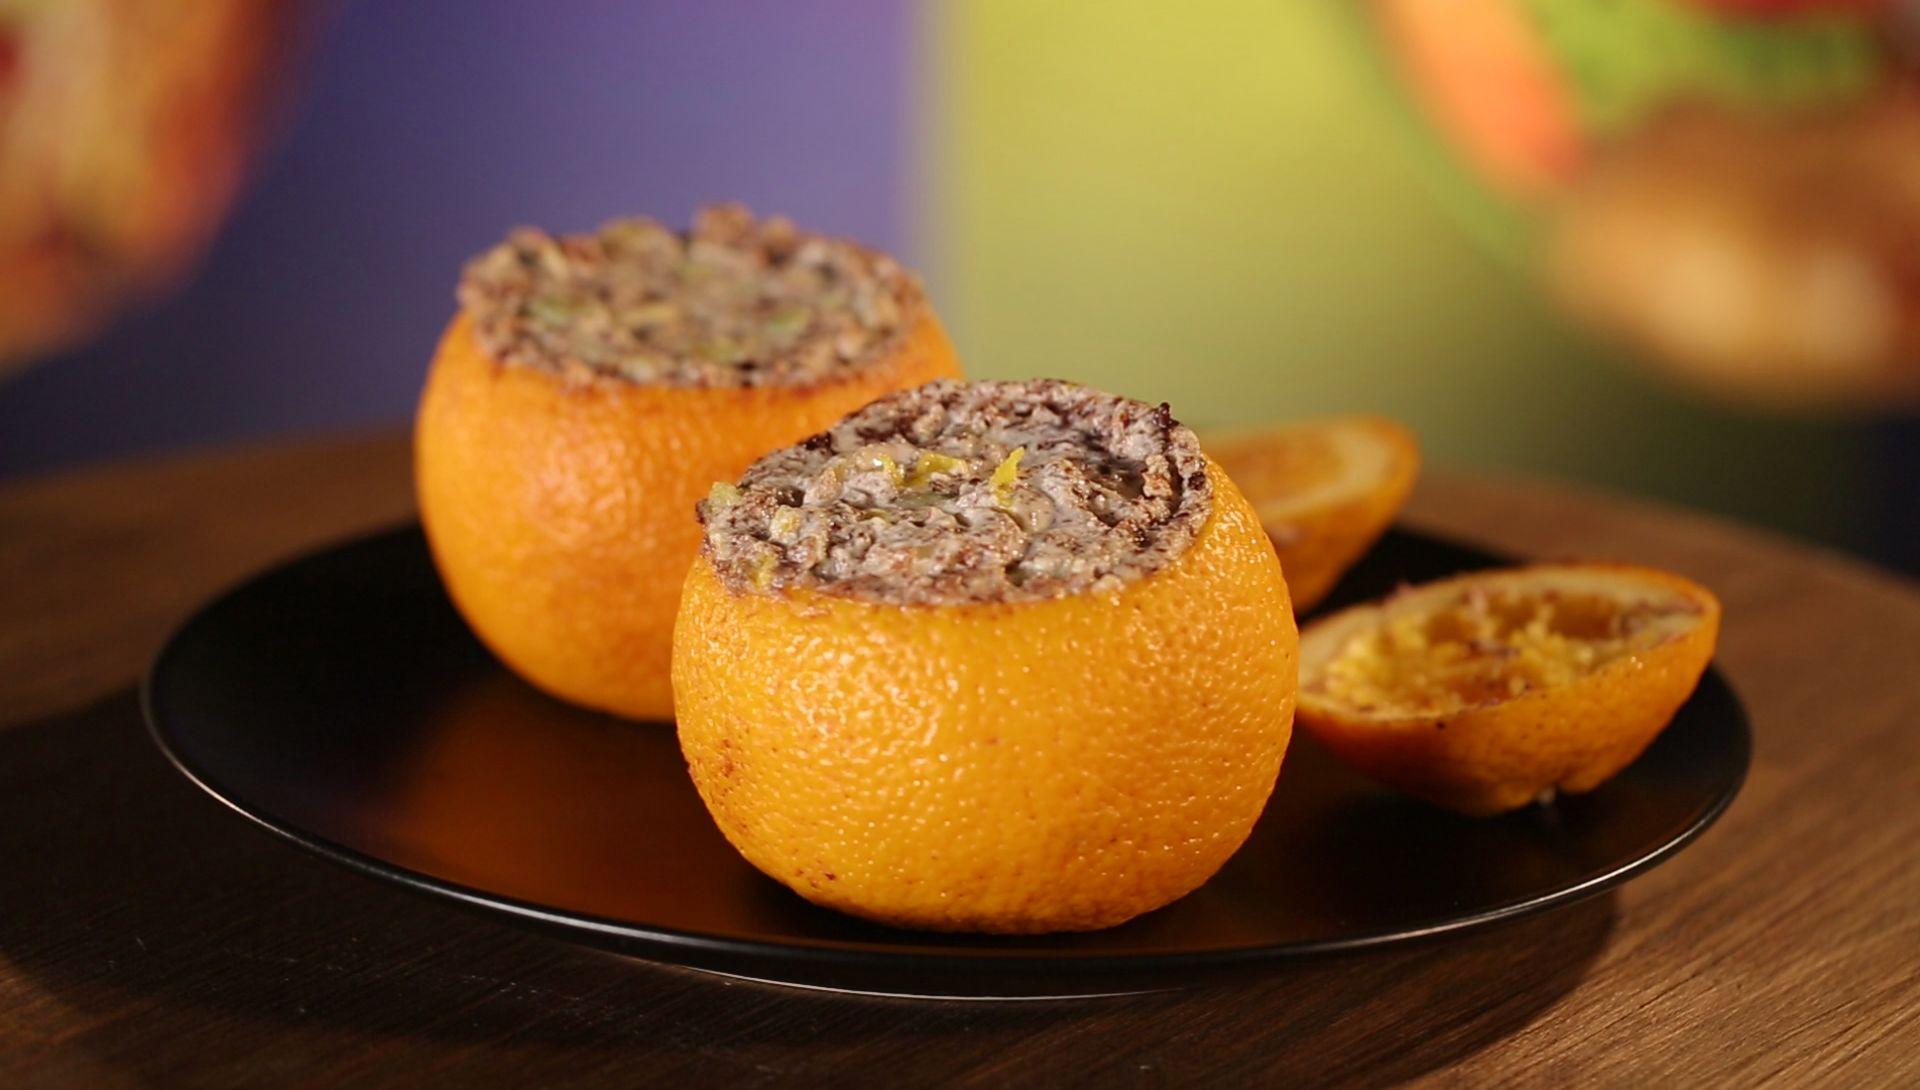 апельсины рецепты с фото так чудесно пахнут